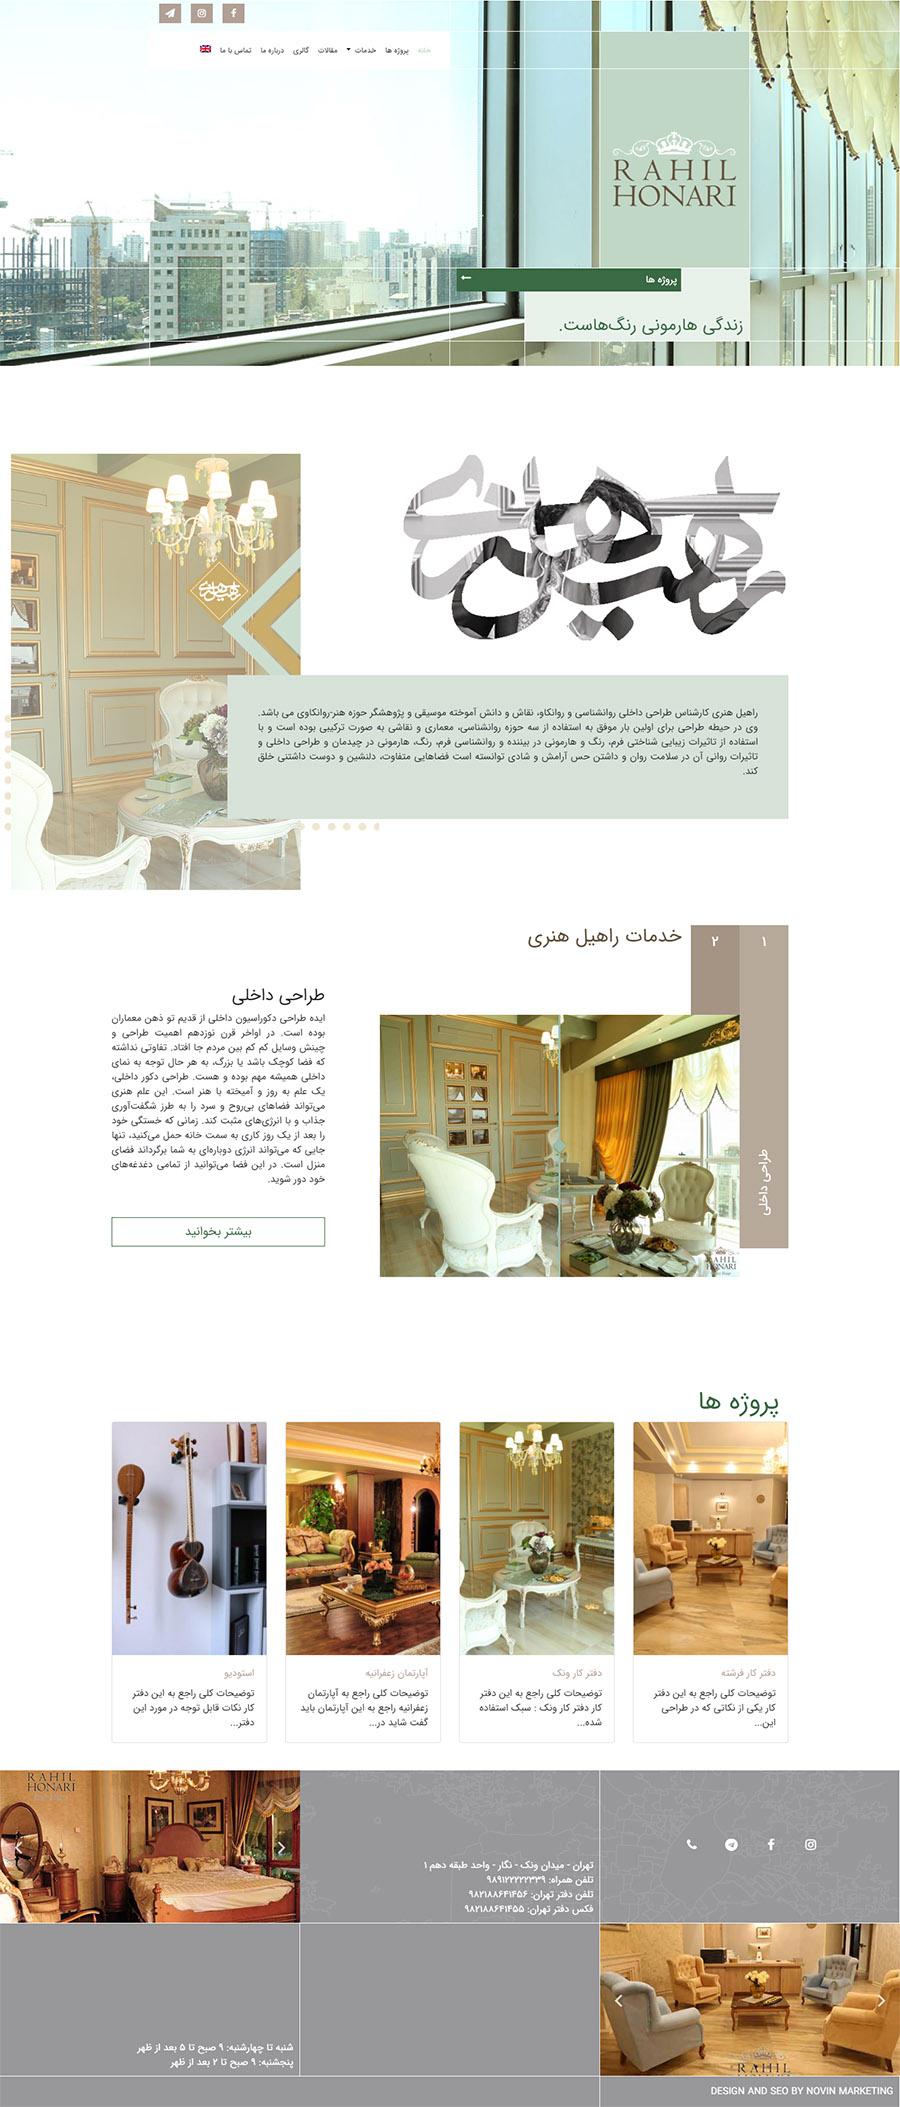 طراحی دکوراسیون راهیل هنری